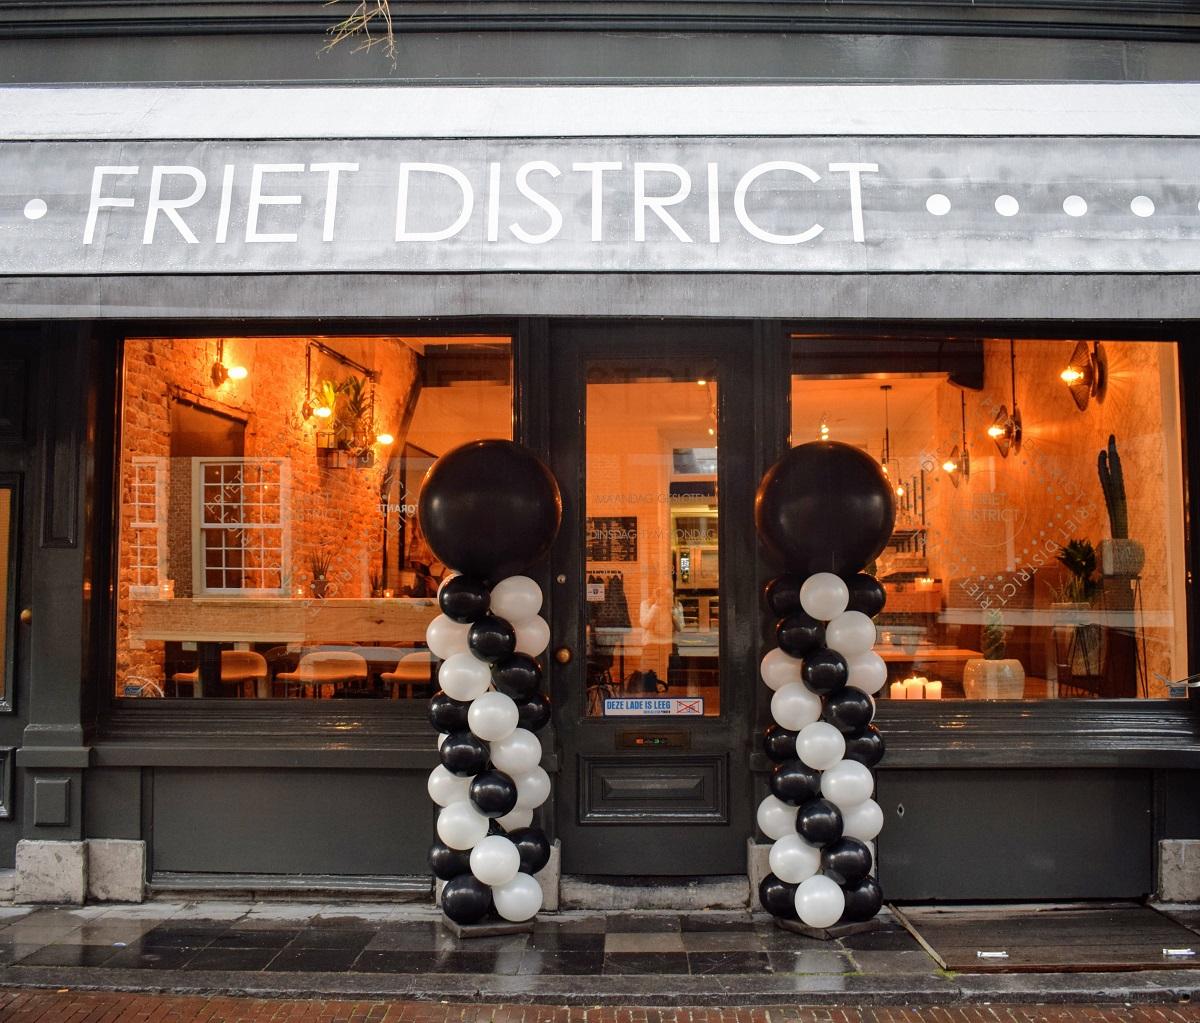 friet district delft